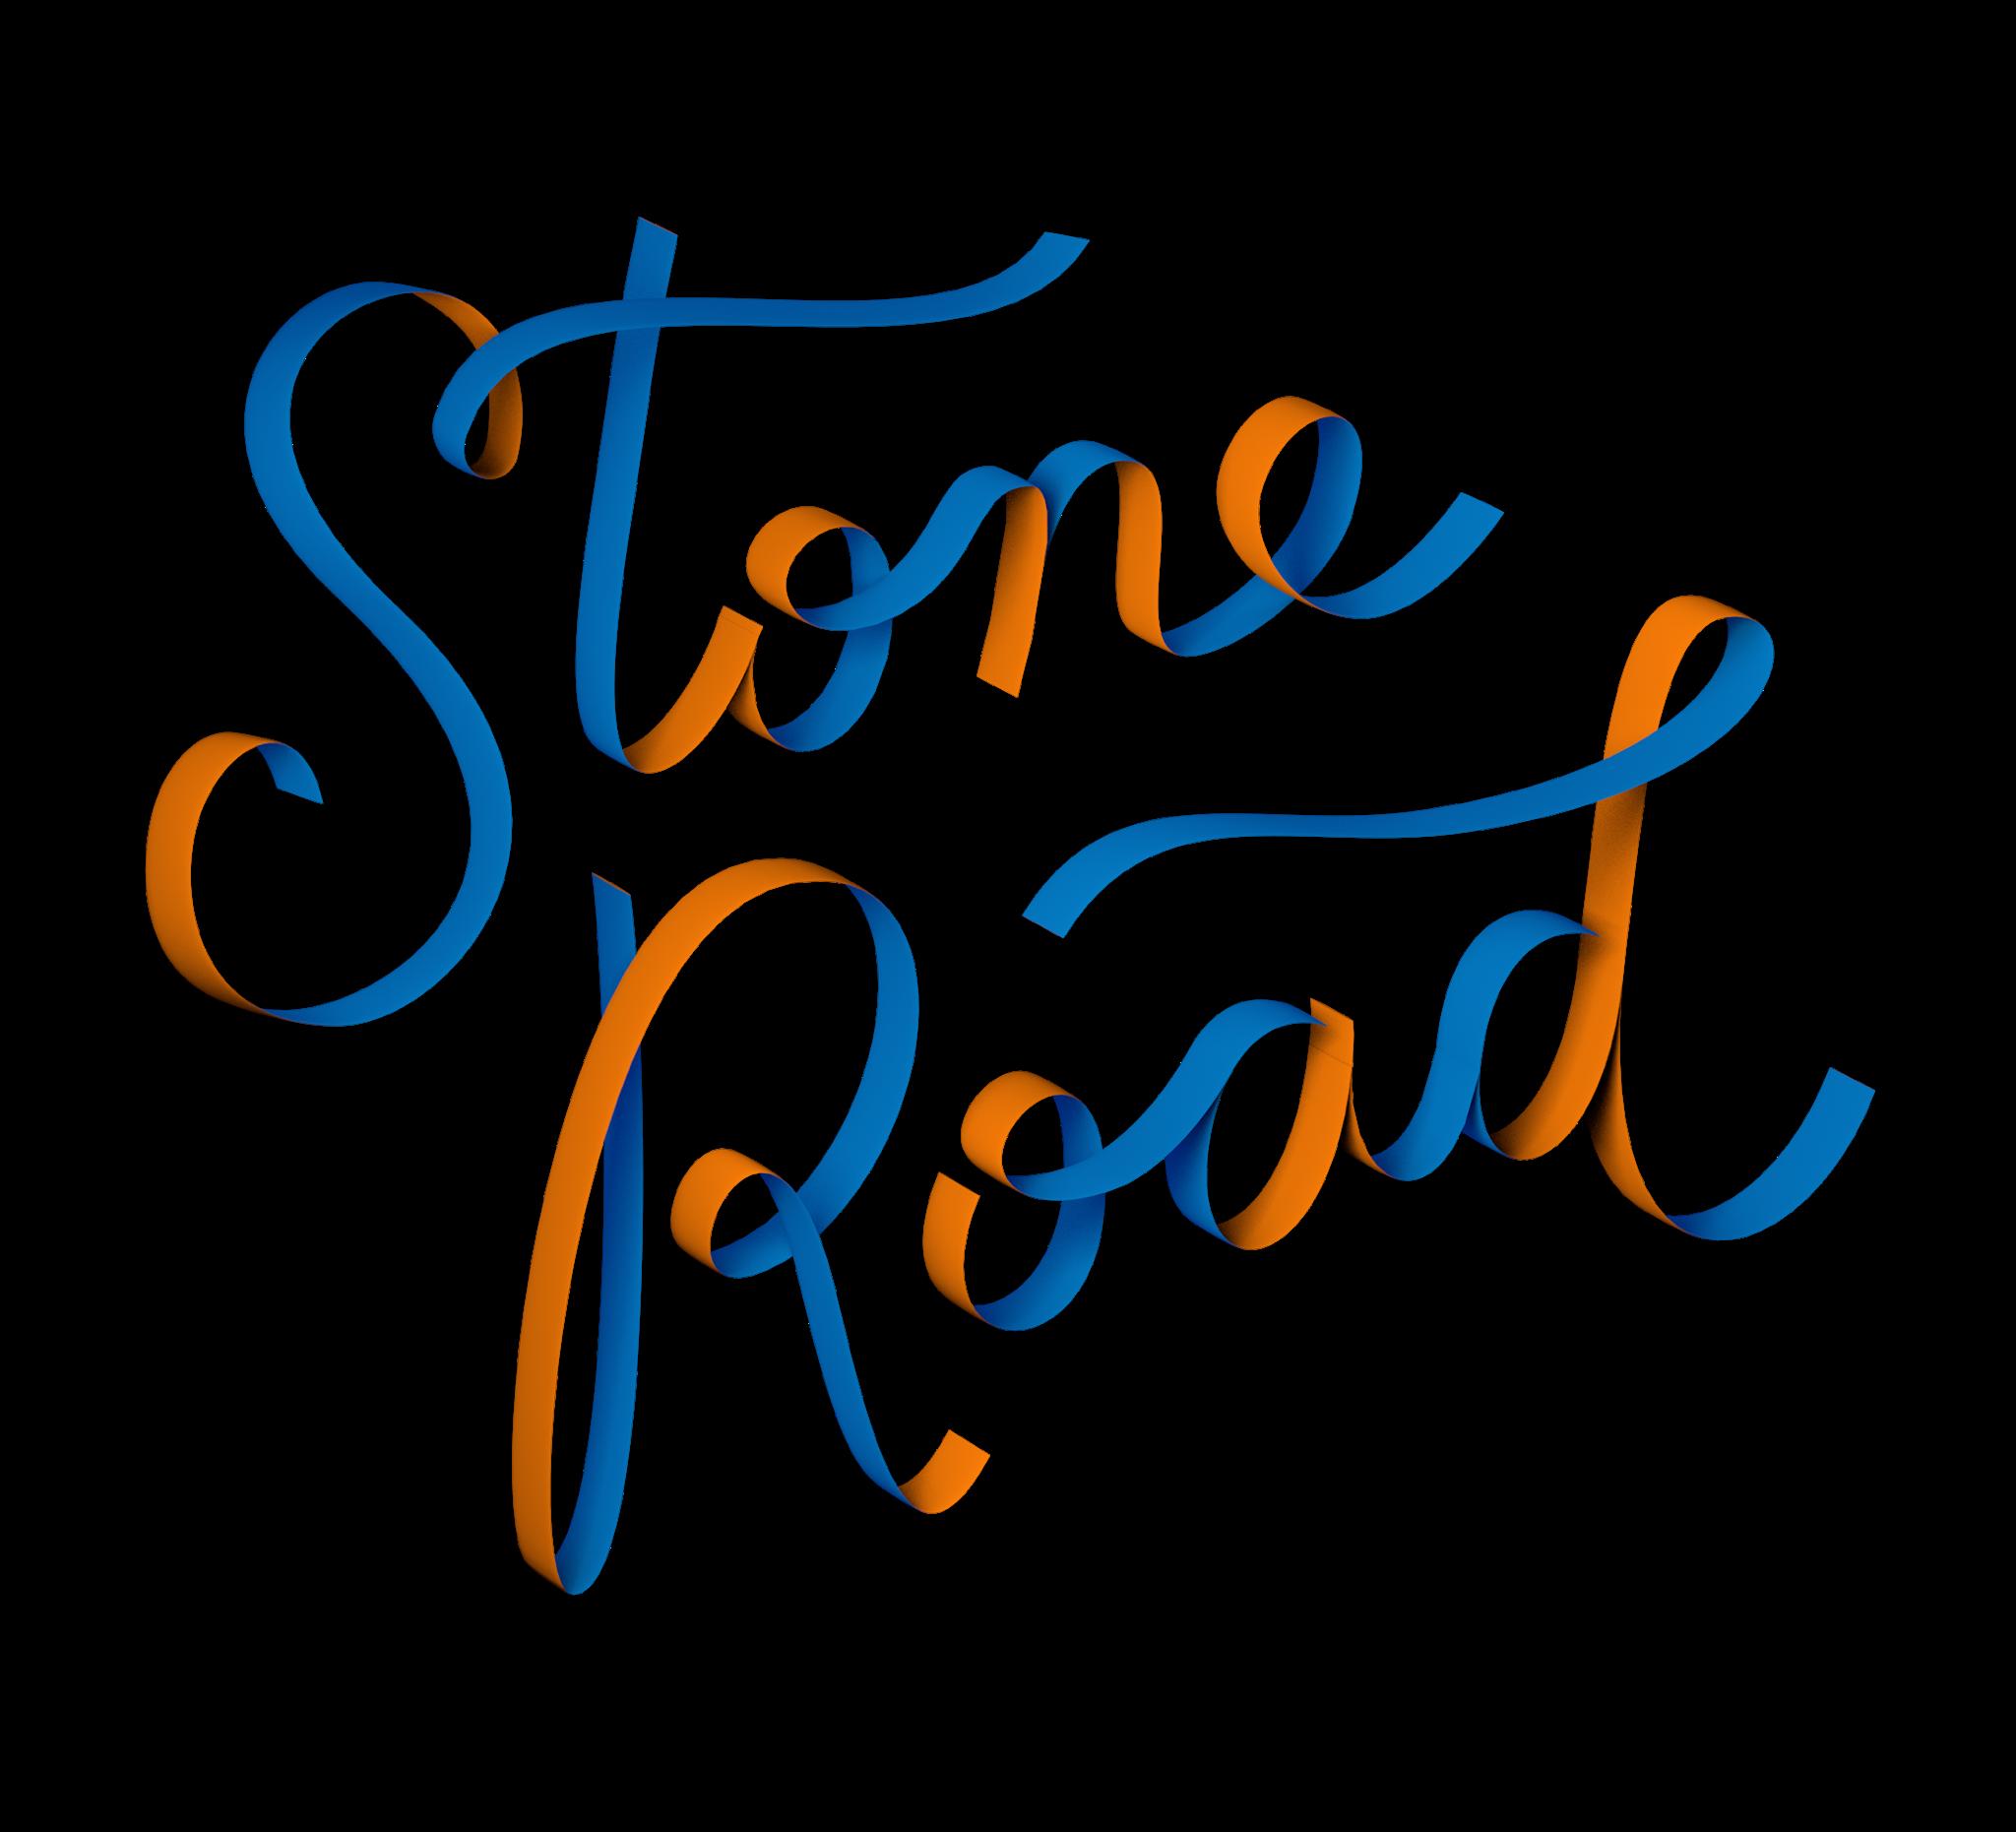 StoneRoadLogo-Transparant Back